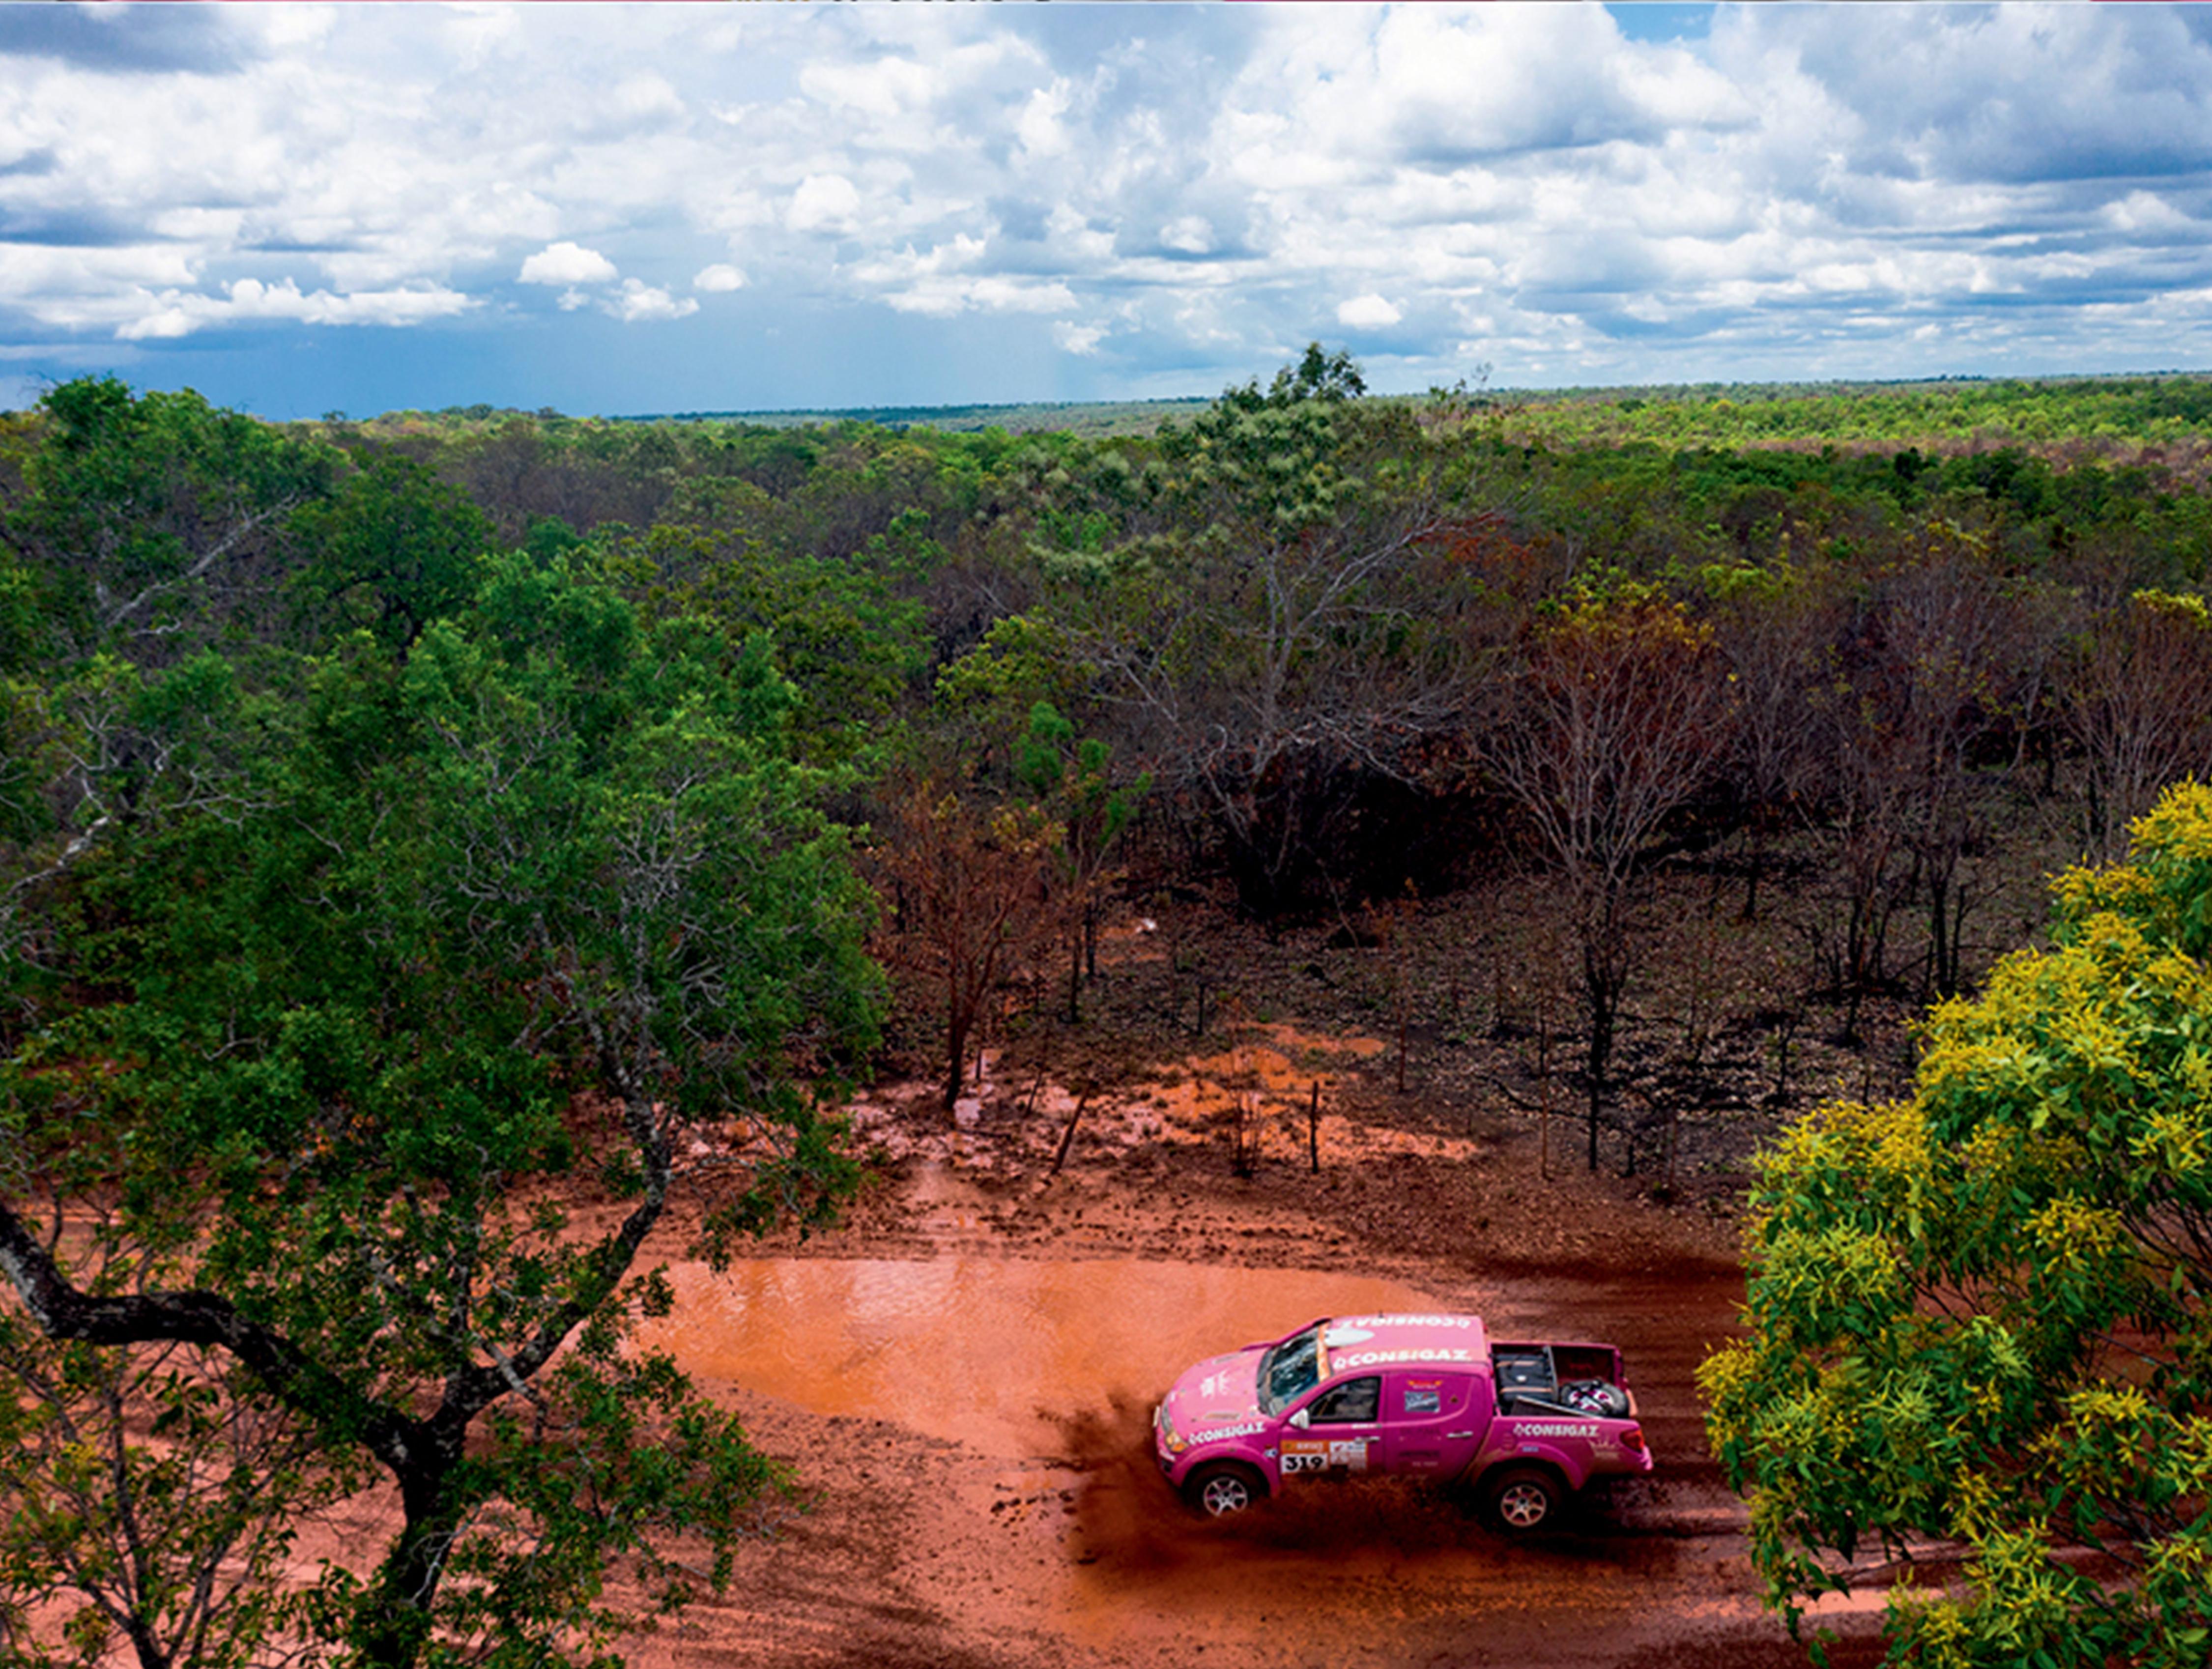 Numa pista lamacenta cercada por árvores surge uma caminhonete pink